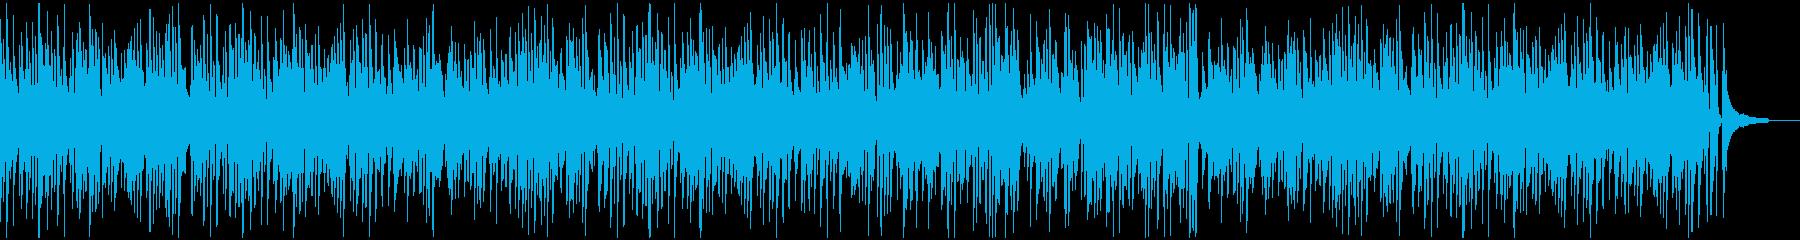 爽やかで明るいお洒落ジャズピアノの再生済みの波形